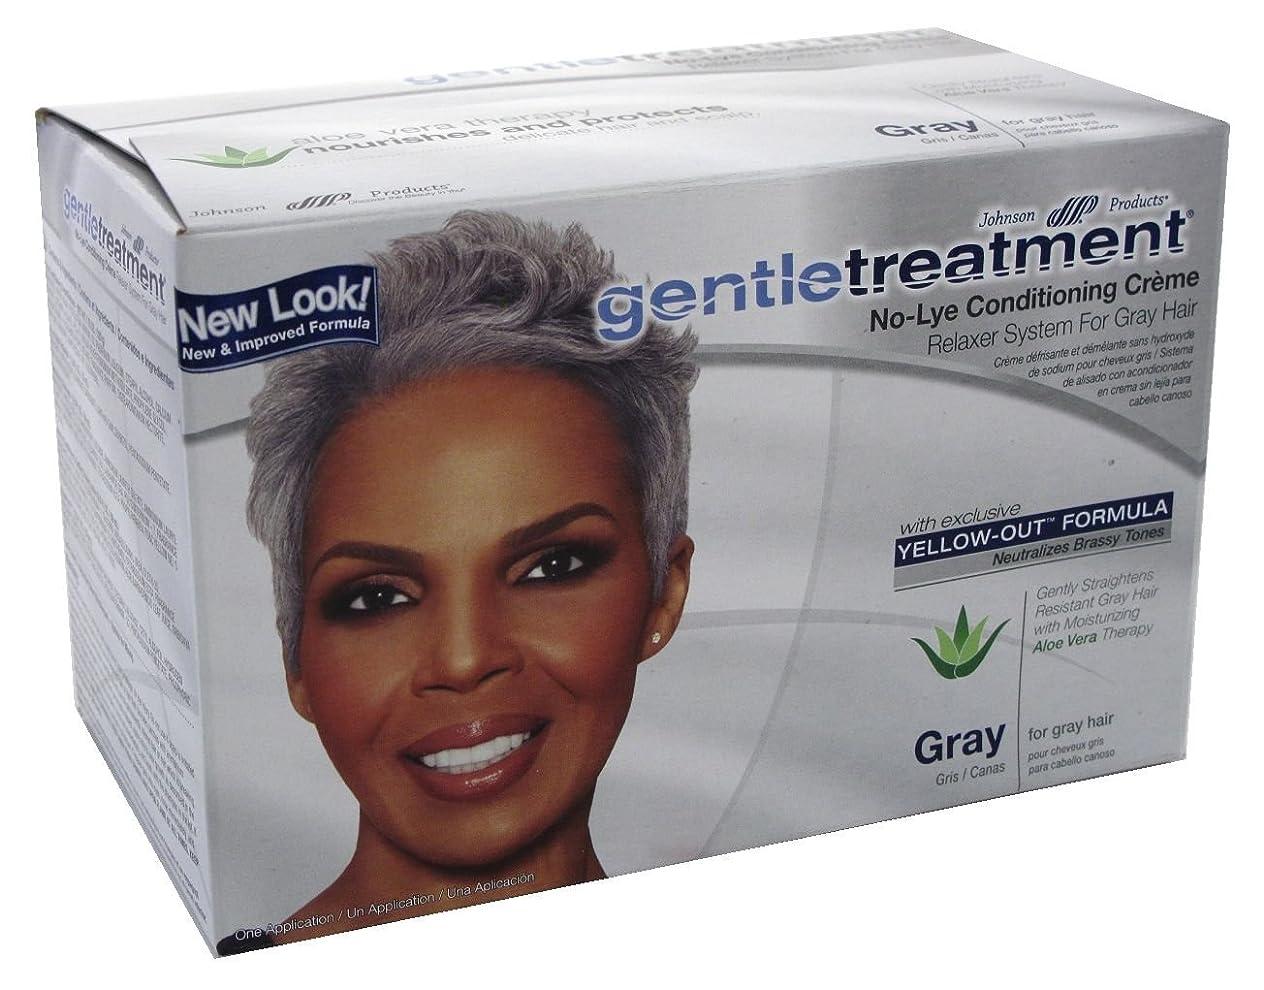 後ろ、背後、背面(部ベーコン合法Gentle Treatment グレー無灰汁キットのリラクサー、